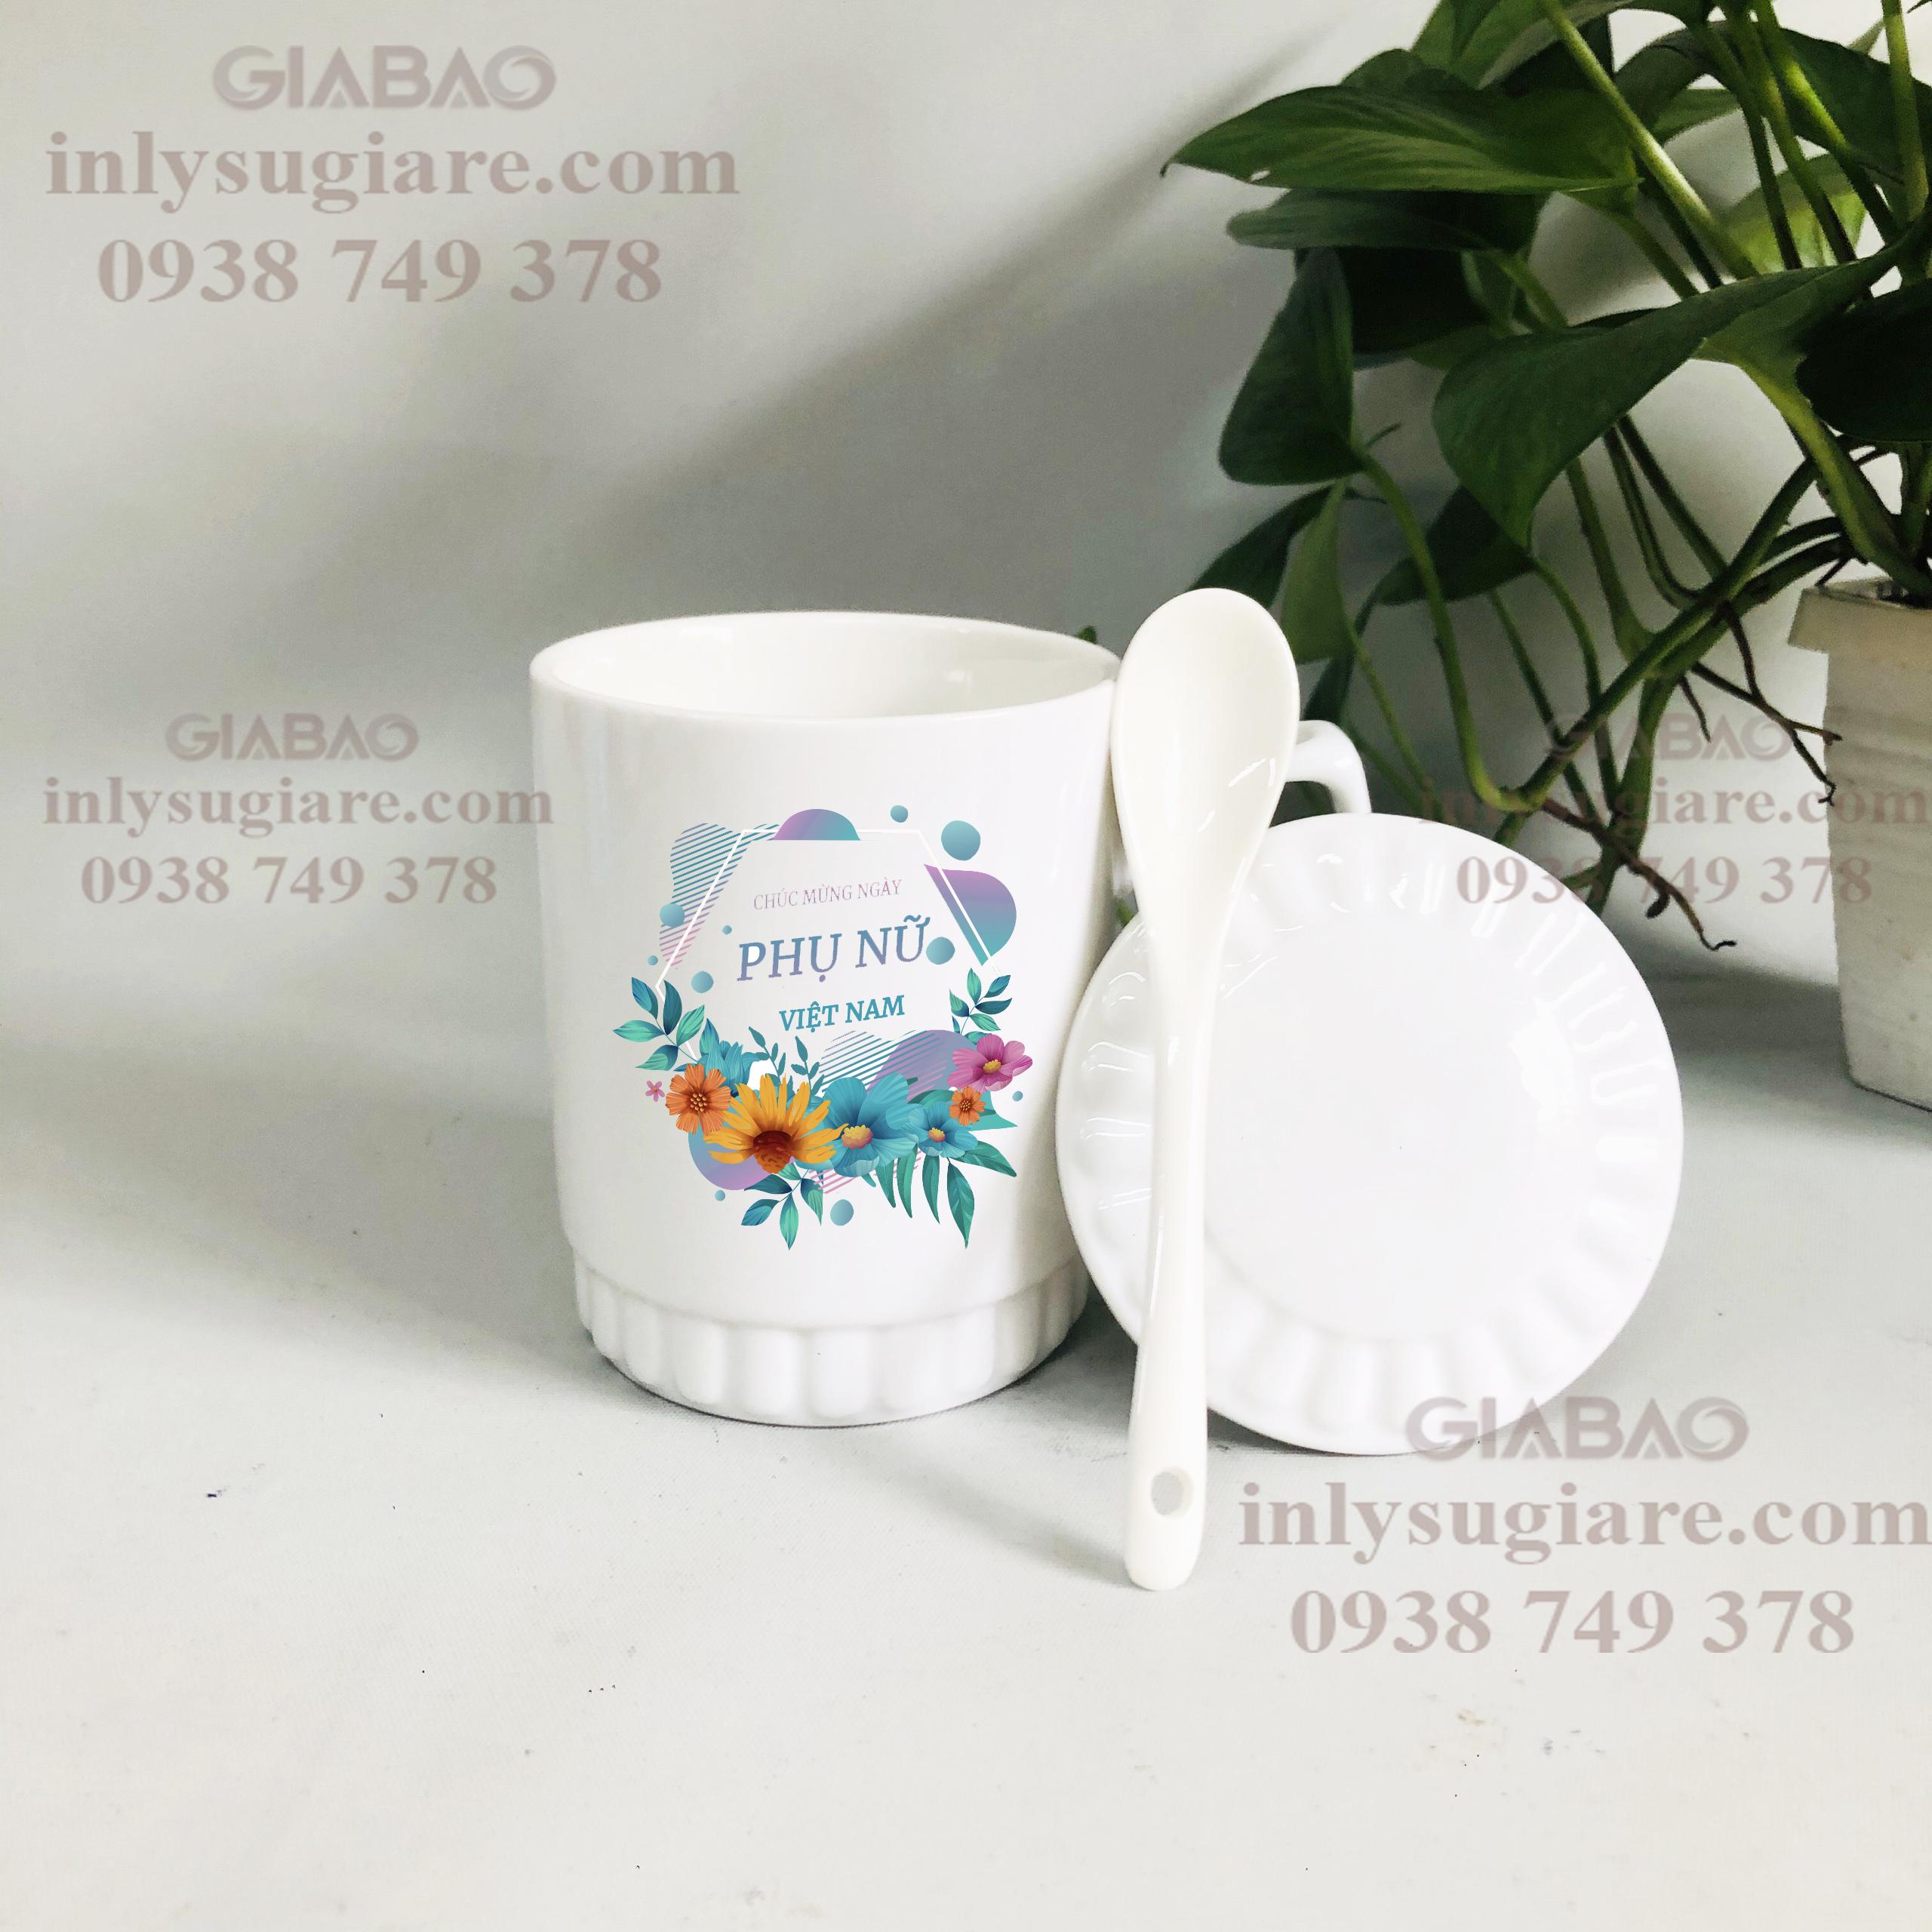 Shop Gia Bảo chuyên in ly sứ, cốc sứ giá rẻ tại tphcm